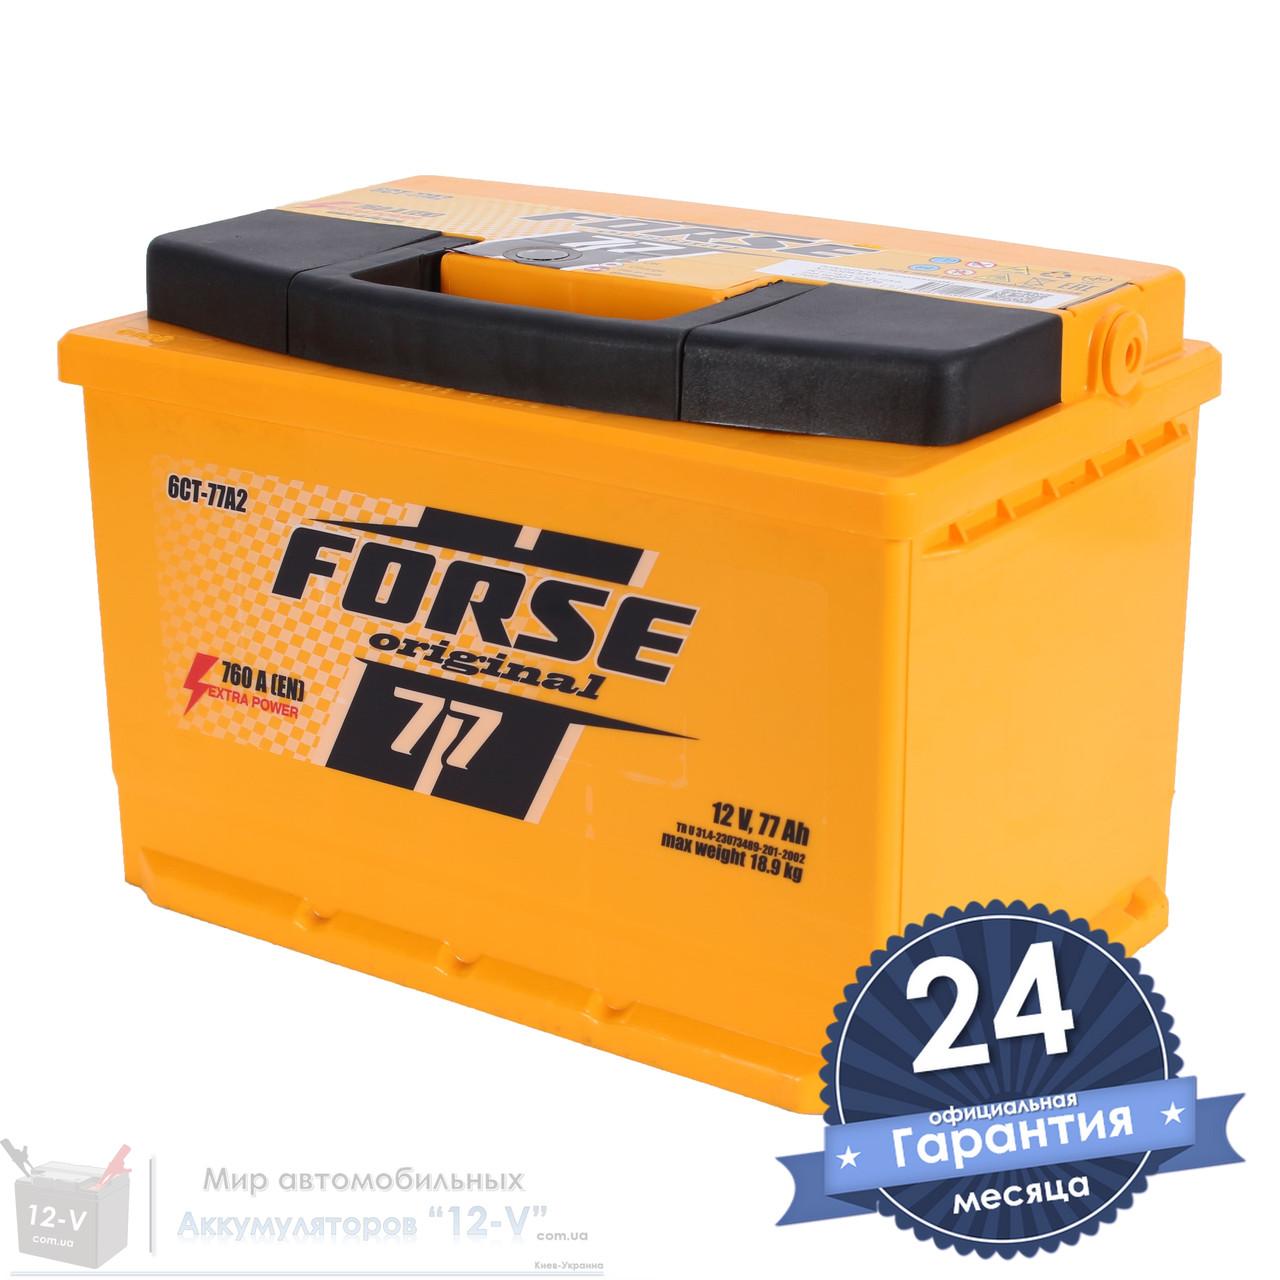 Аккумулятор автомобильный FORSE Original 6CT 77Ah, пусковой ток 760A [–|+]